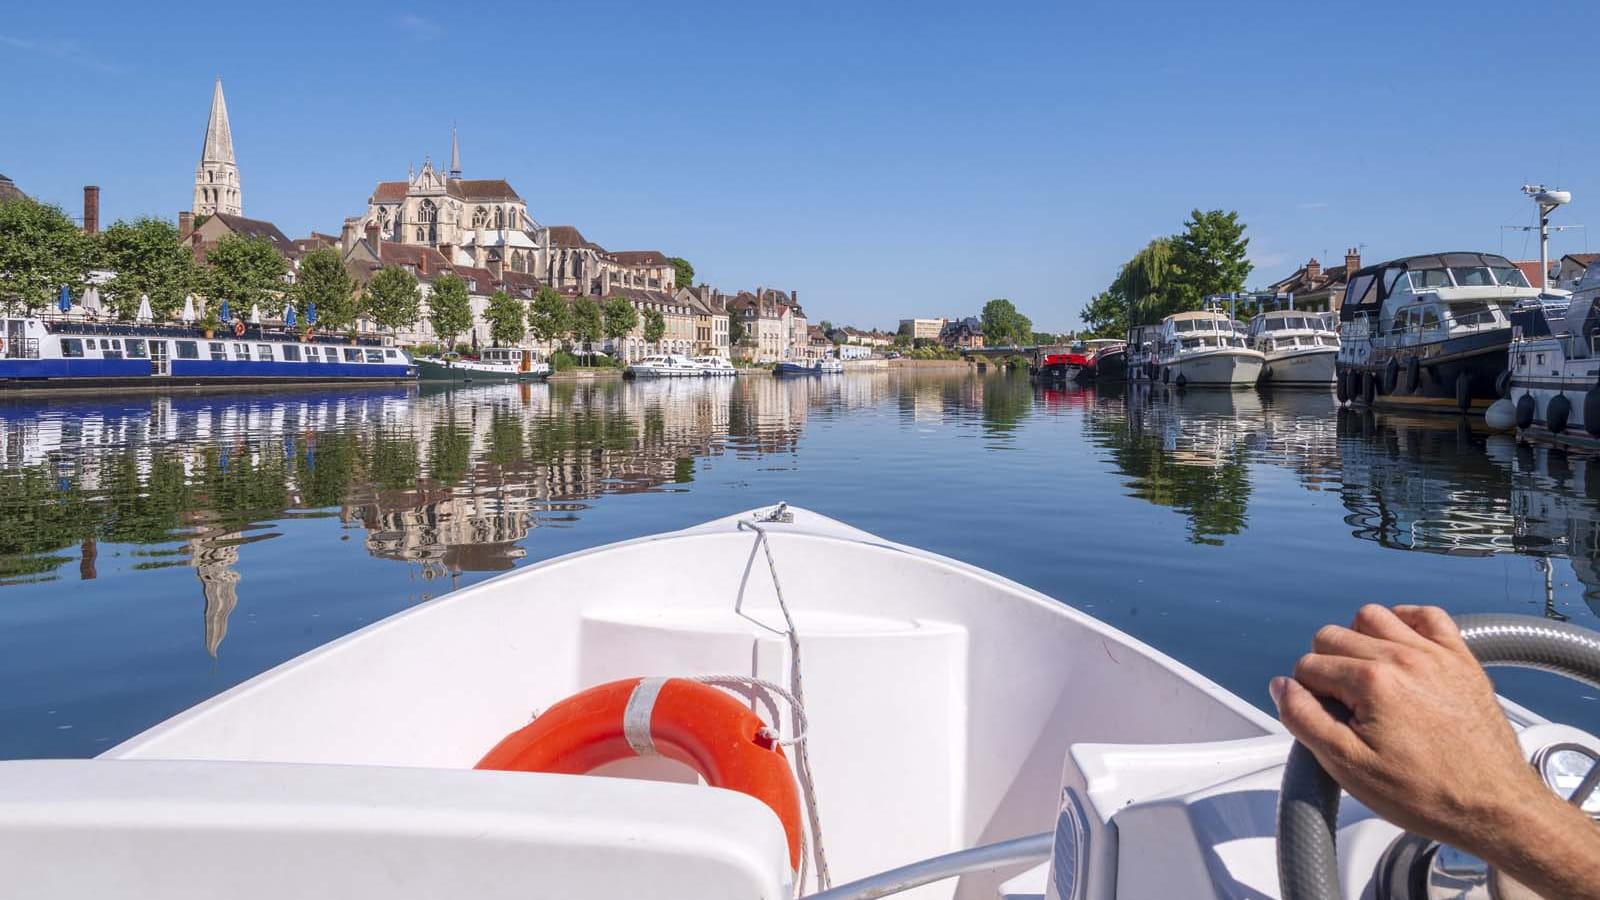 Louer un bateau et naviguer sur l'Yonne